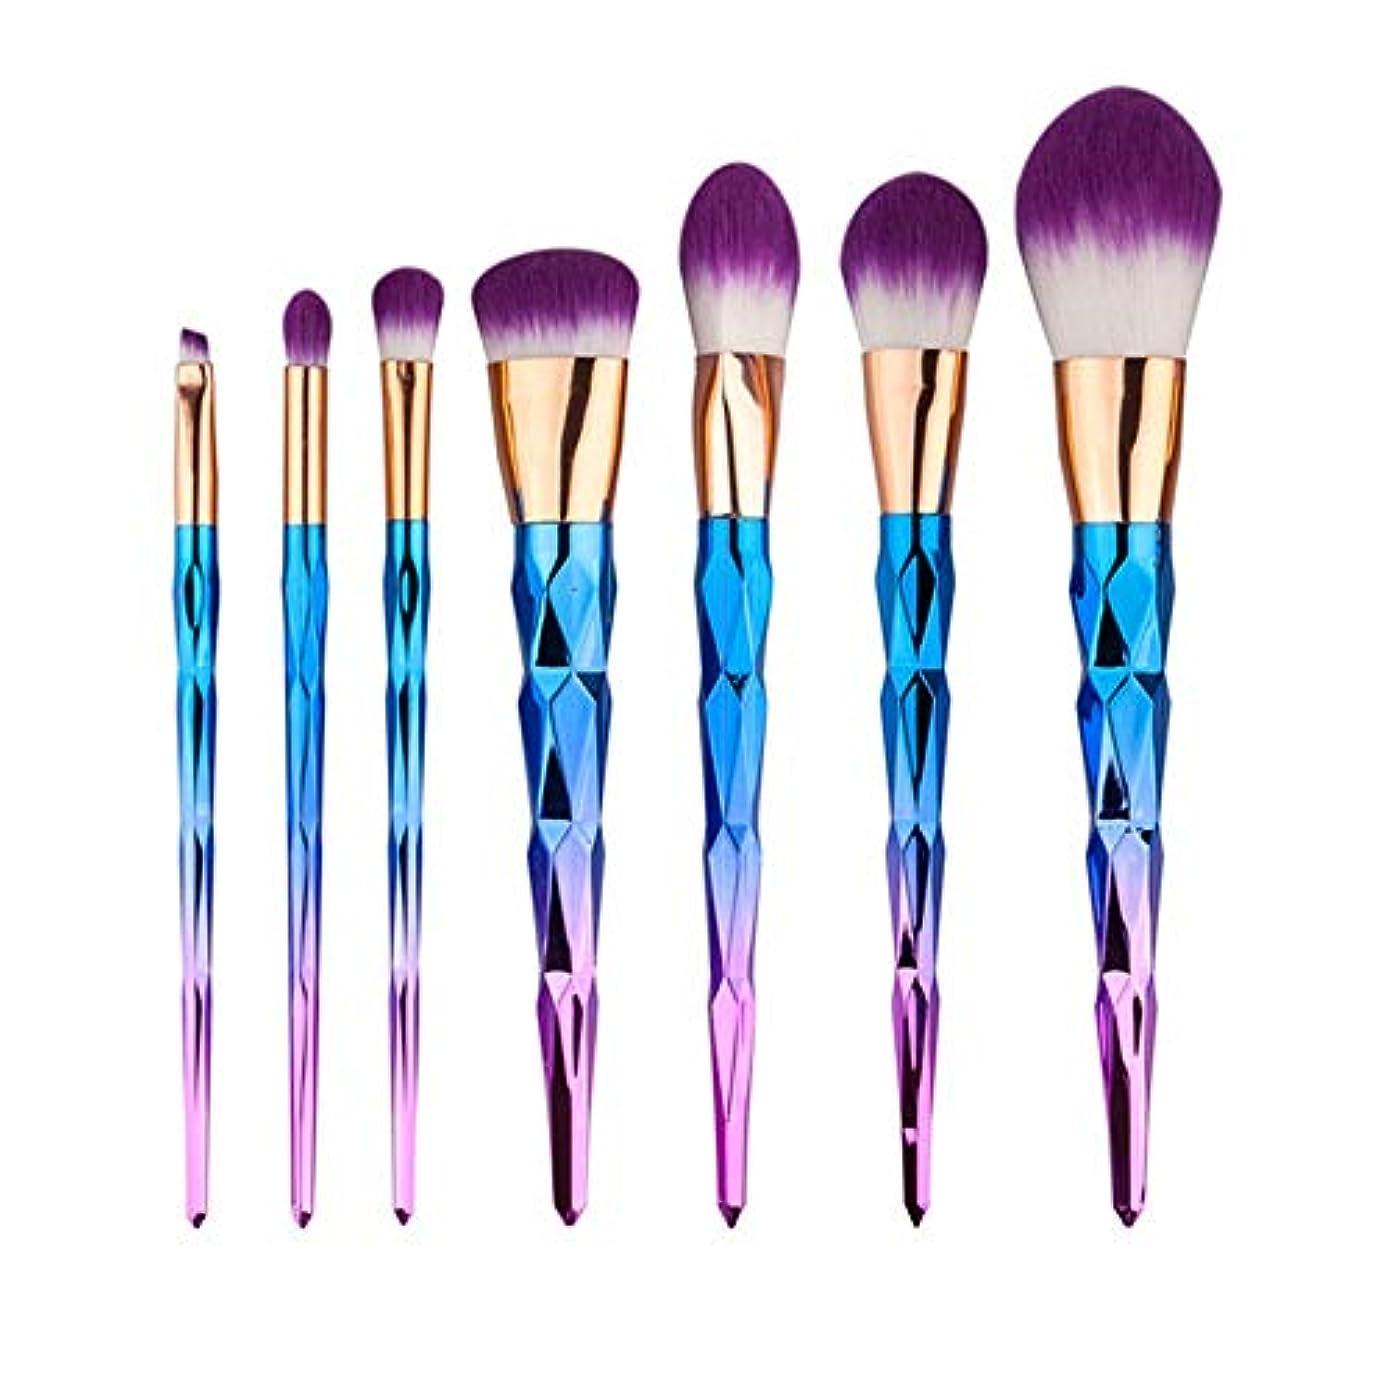 面戦闘見込みMakeup brushes 7.グラデーションダイヤモンドドリルブラシセットユニコーンの美しさとメイクアップツール suits (Color : Rainbow)